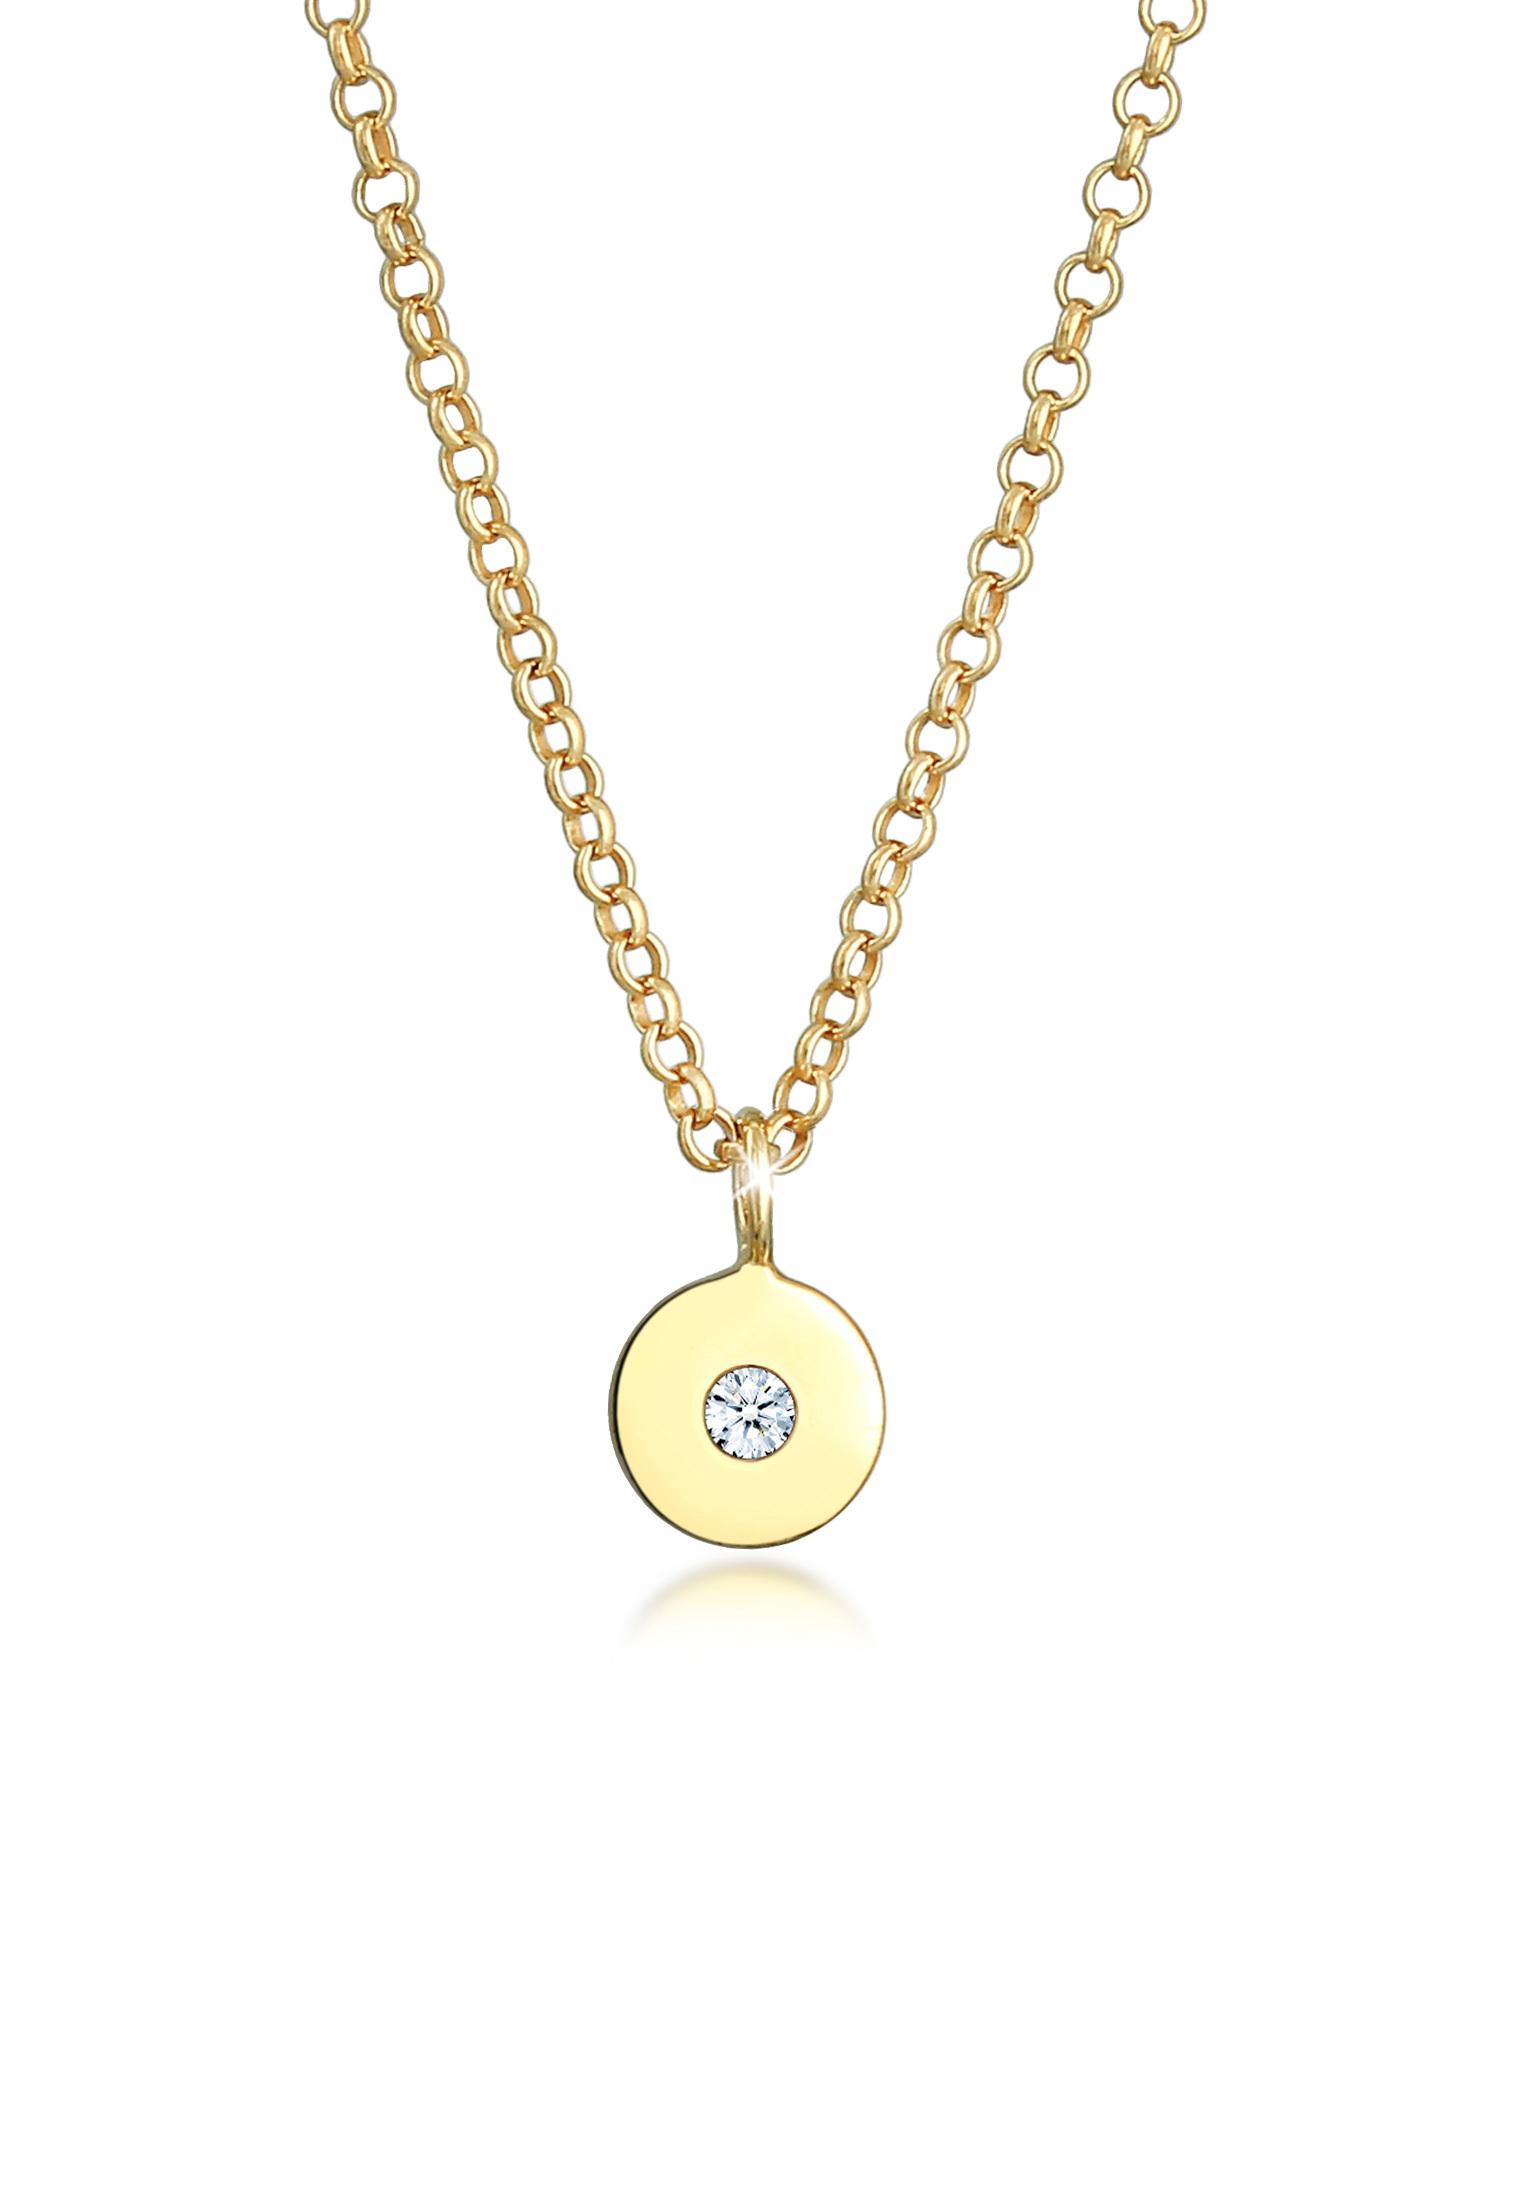 Halskette Geo   Diamant ( Weiß, 0,015 ct )   375 Gelbgold